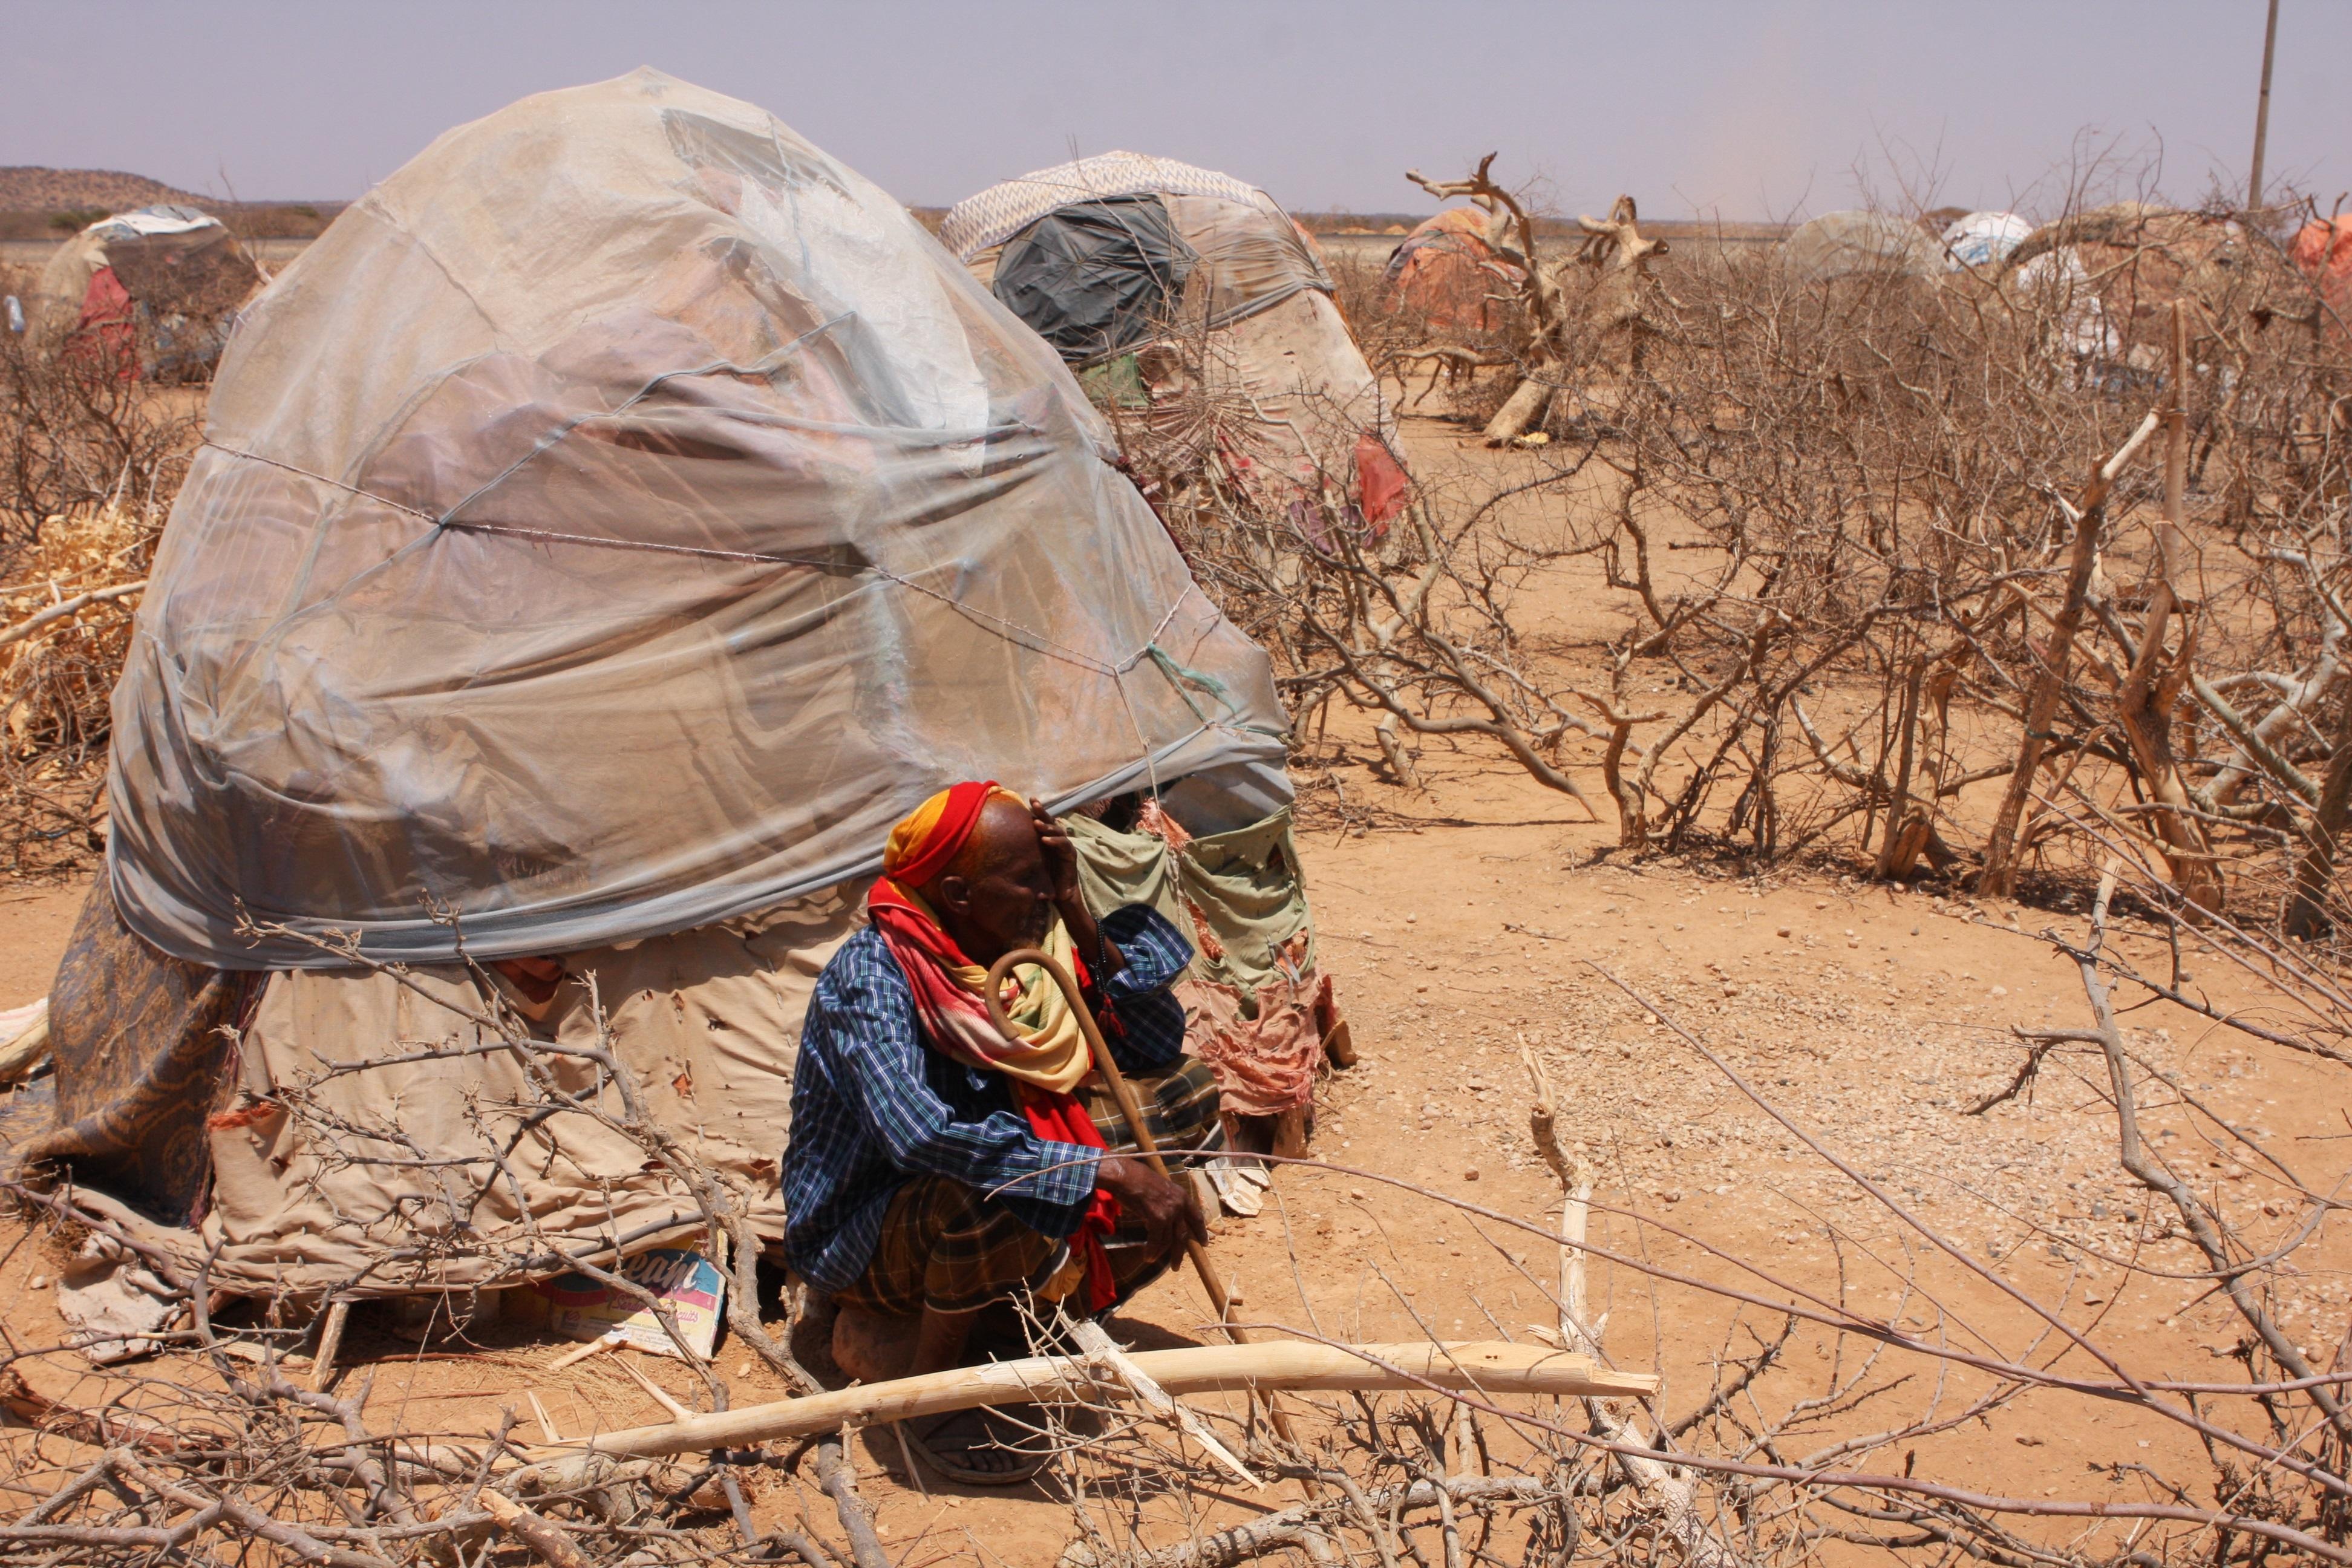 IDP camp Somali region, Ethiopia